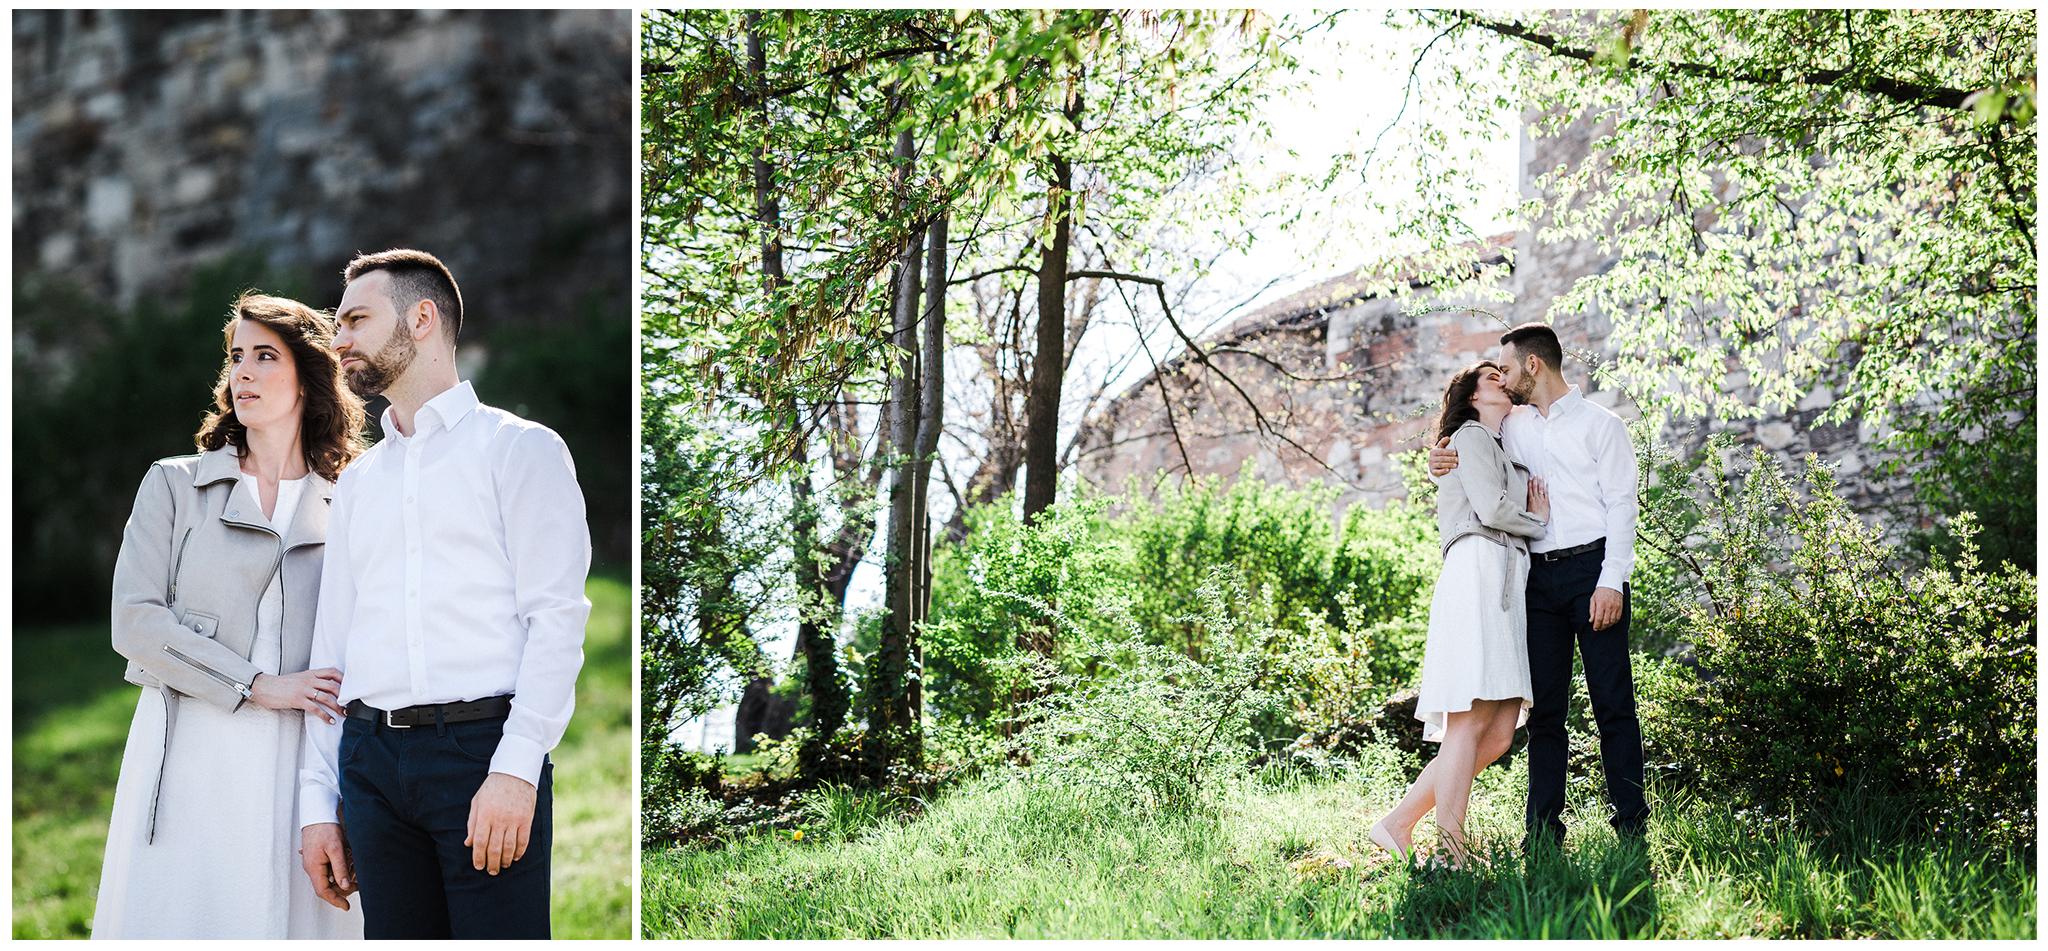 MONT_FylepPhoto, Esküvőfotós Vasmegye, Esküvő fotózás, Esküvői fotós, Körmend, Vas megye, Dunántúl, Budapest, Fülöp Péter, Jegyes fotózás, jegyesfotó_Ramona&Marci,2018_004.jpg